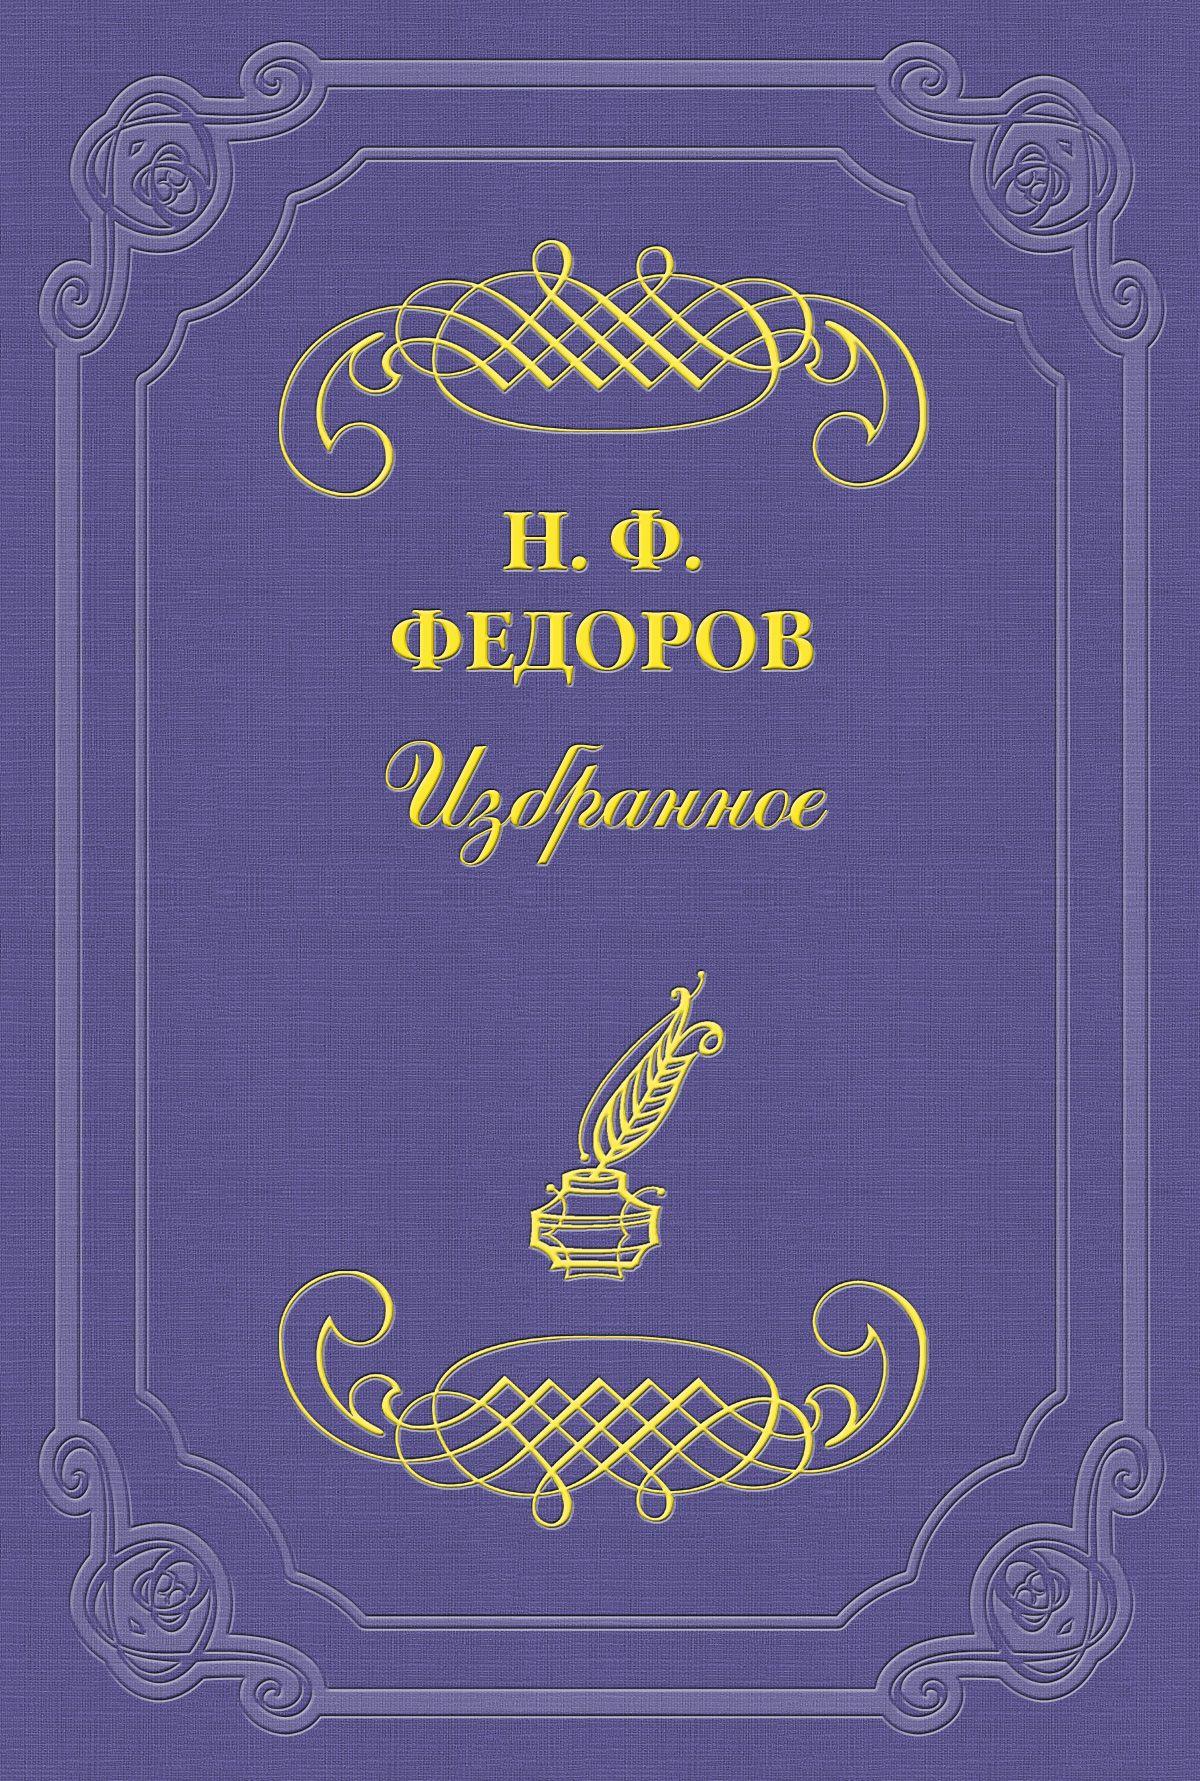 Николай Федоров Бесчисленные невольные возвраты или единый, сознательный и добровольный возврат? цена